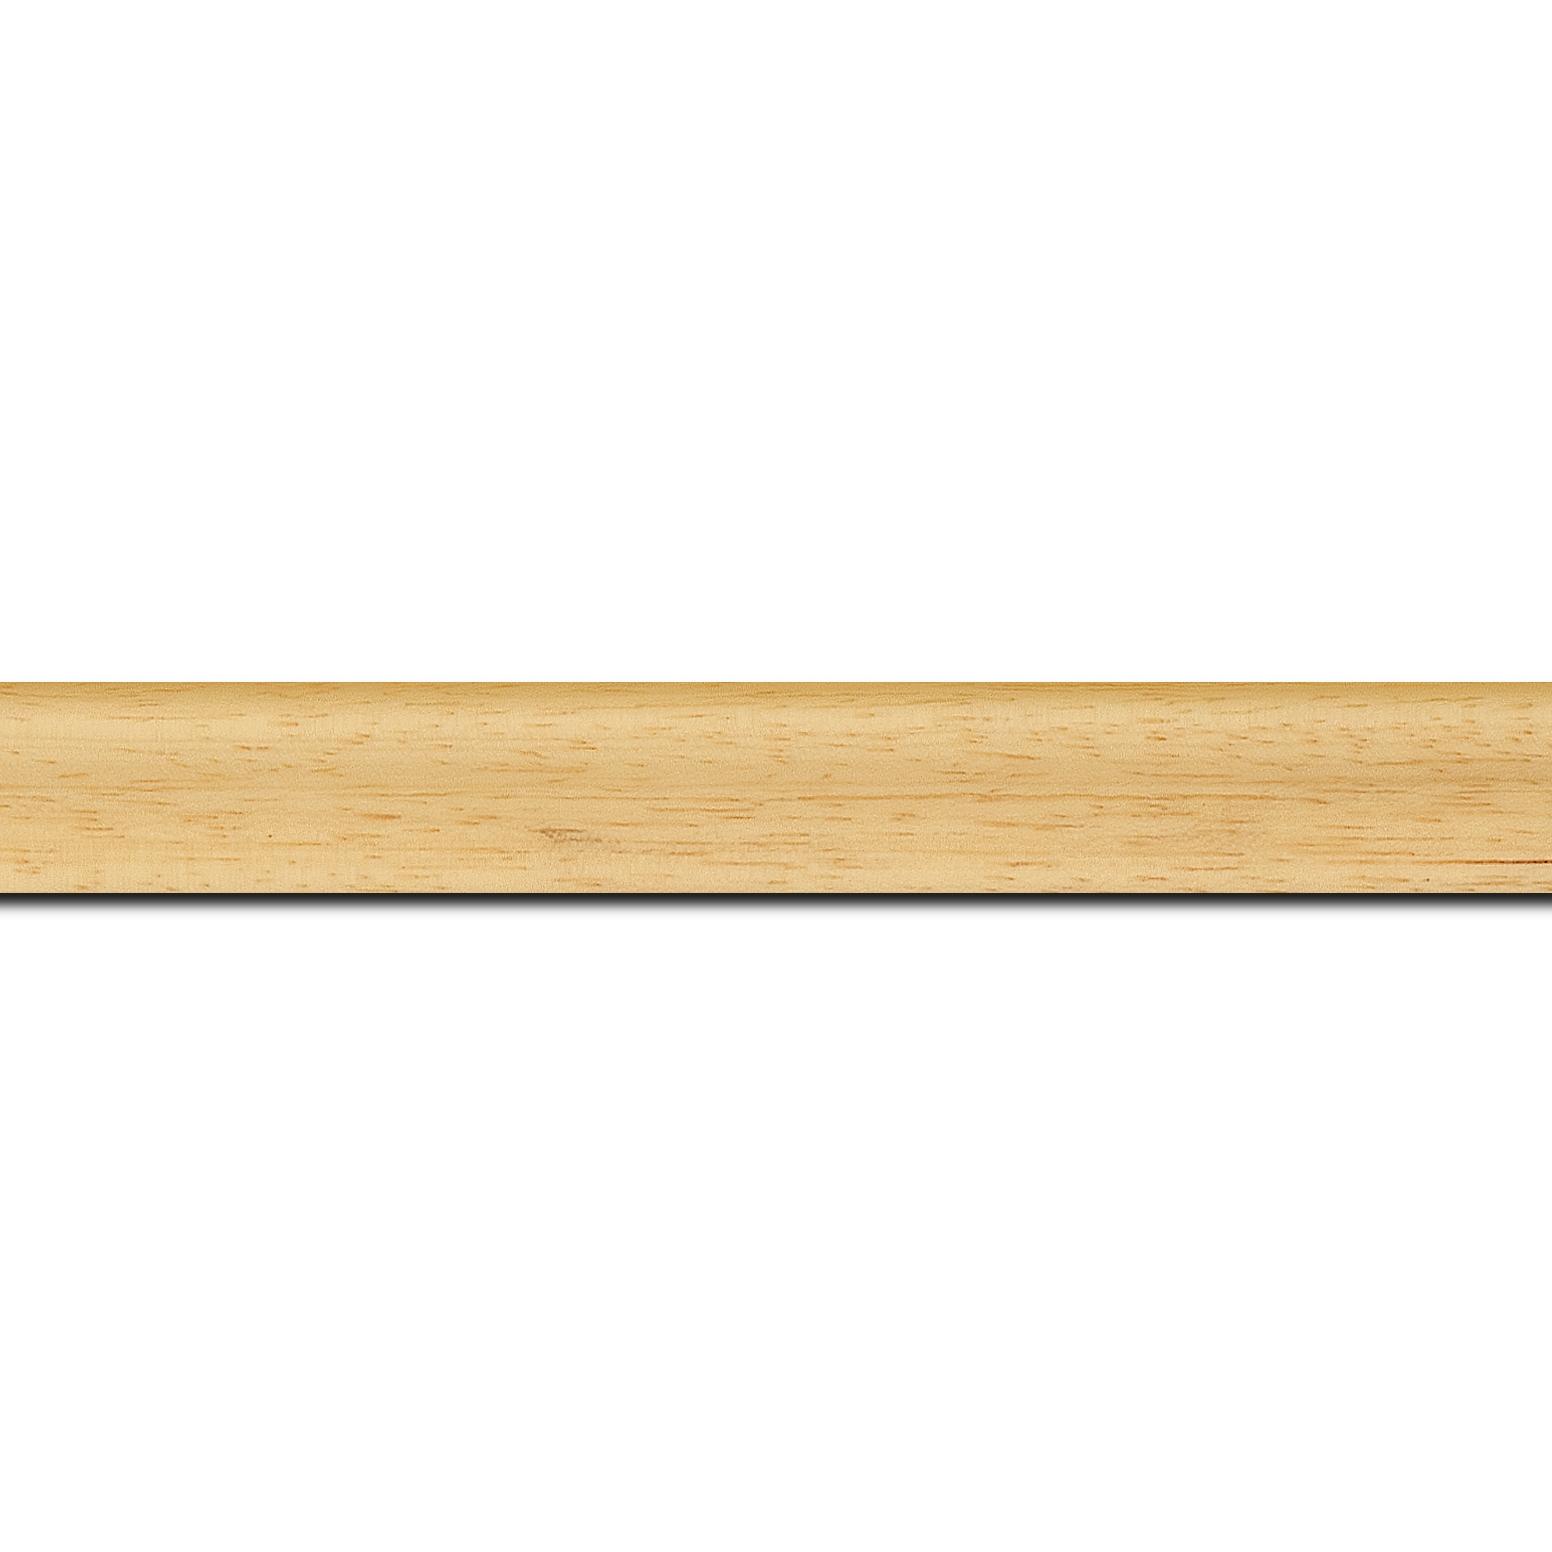 Baguette longueur 1.40m bois profil incurvé largeur 2.1cm couleur naturel satiné